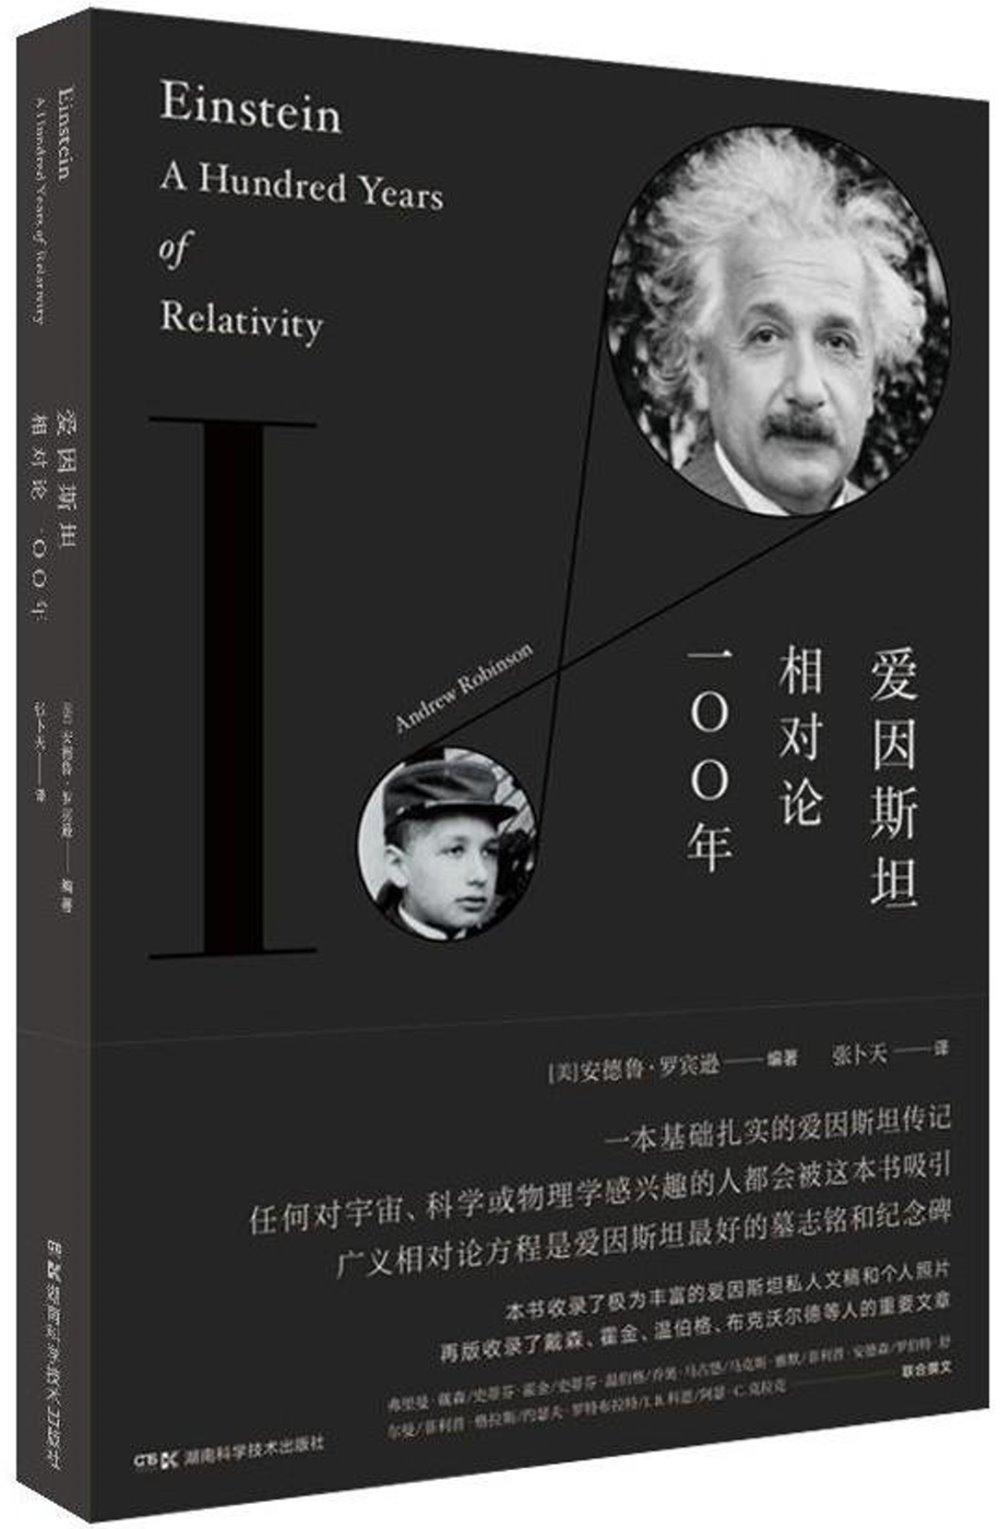 愛因斯坦相對論100年